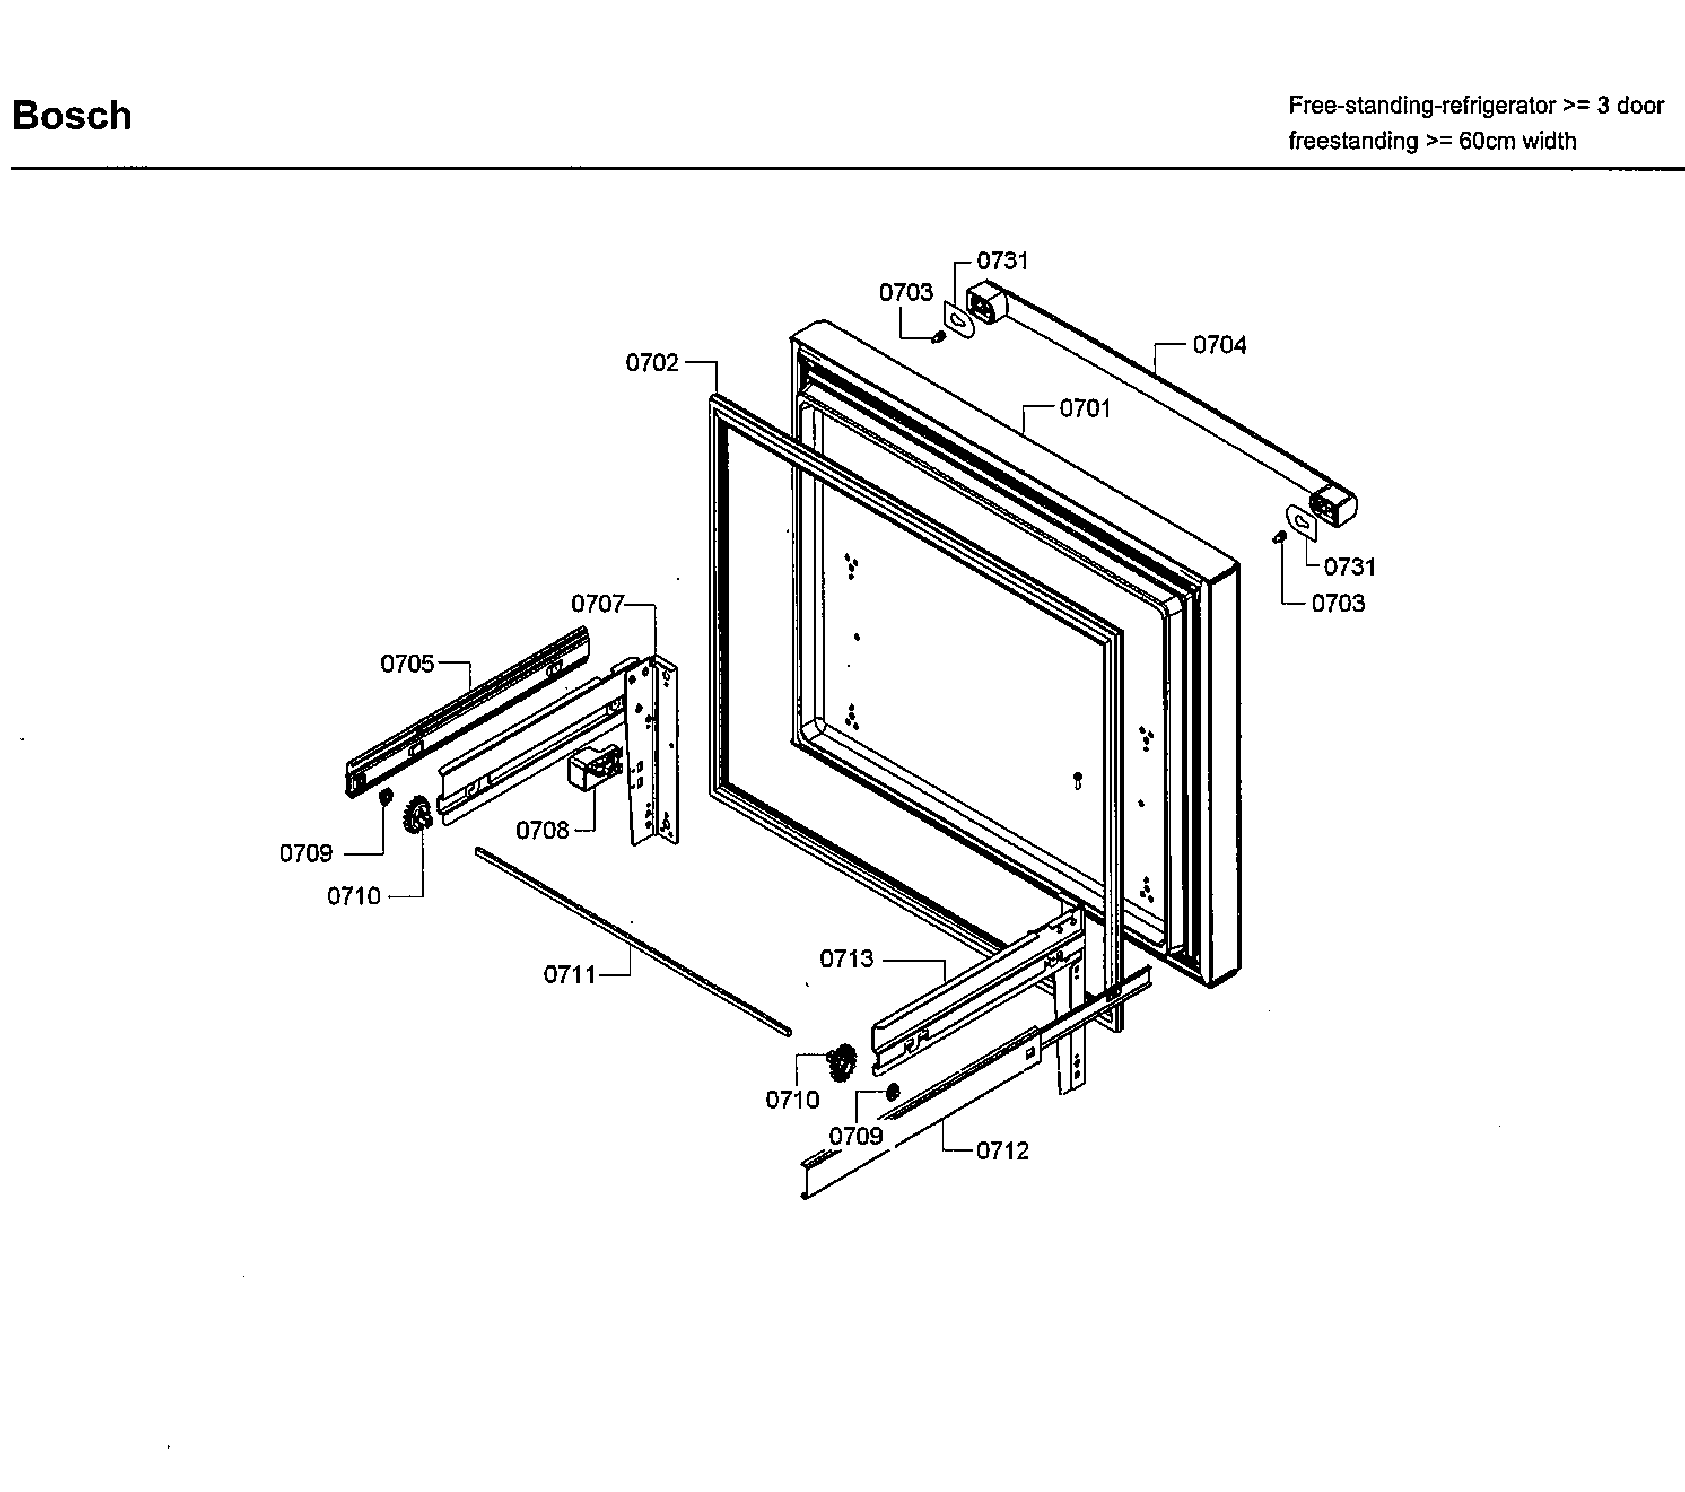 Bosch model B26FT80SNS/06 bottom-mount refrigerator